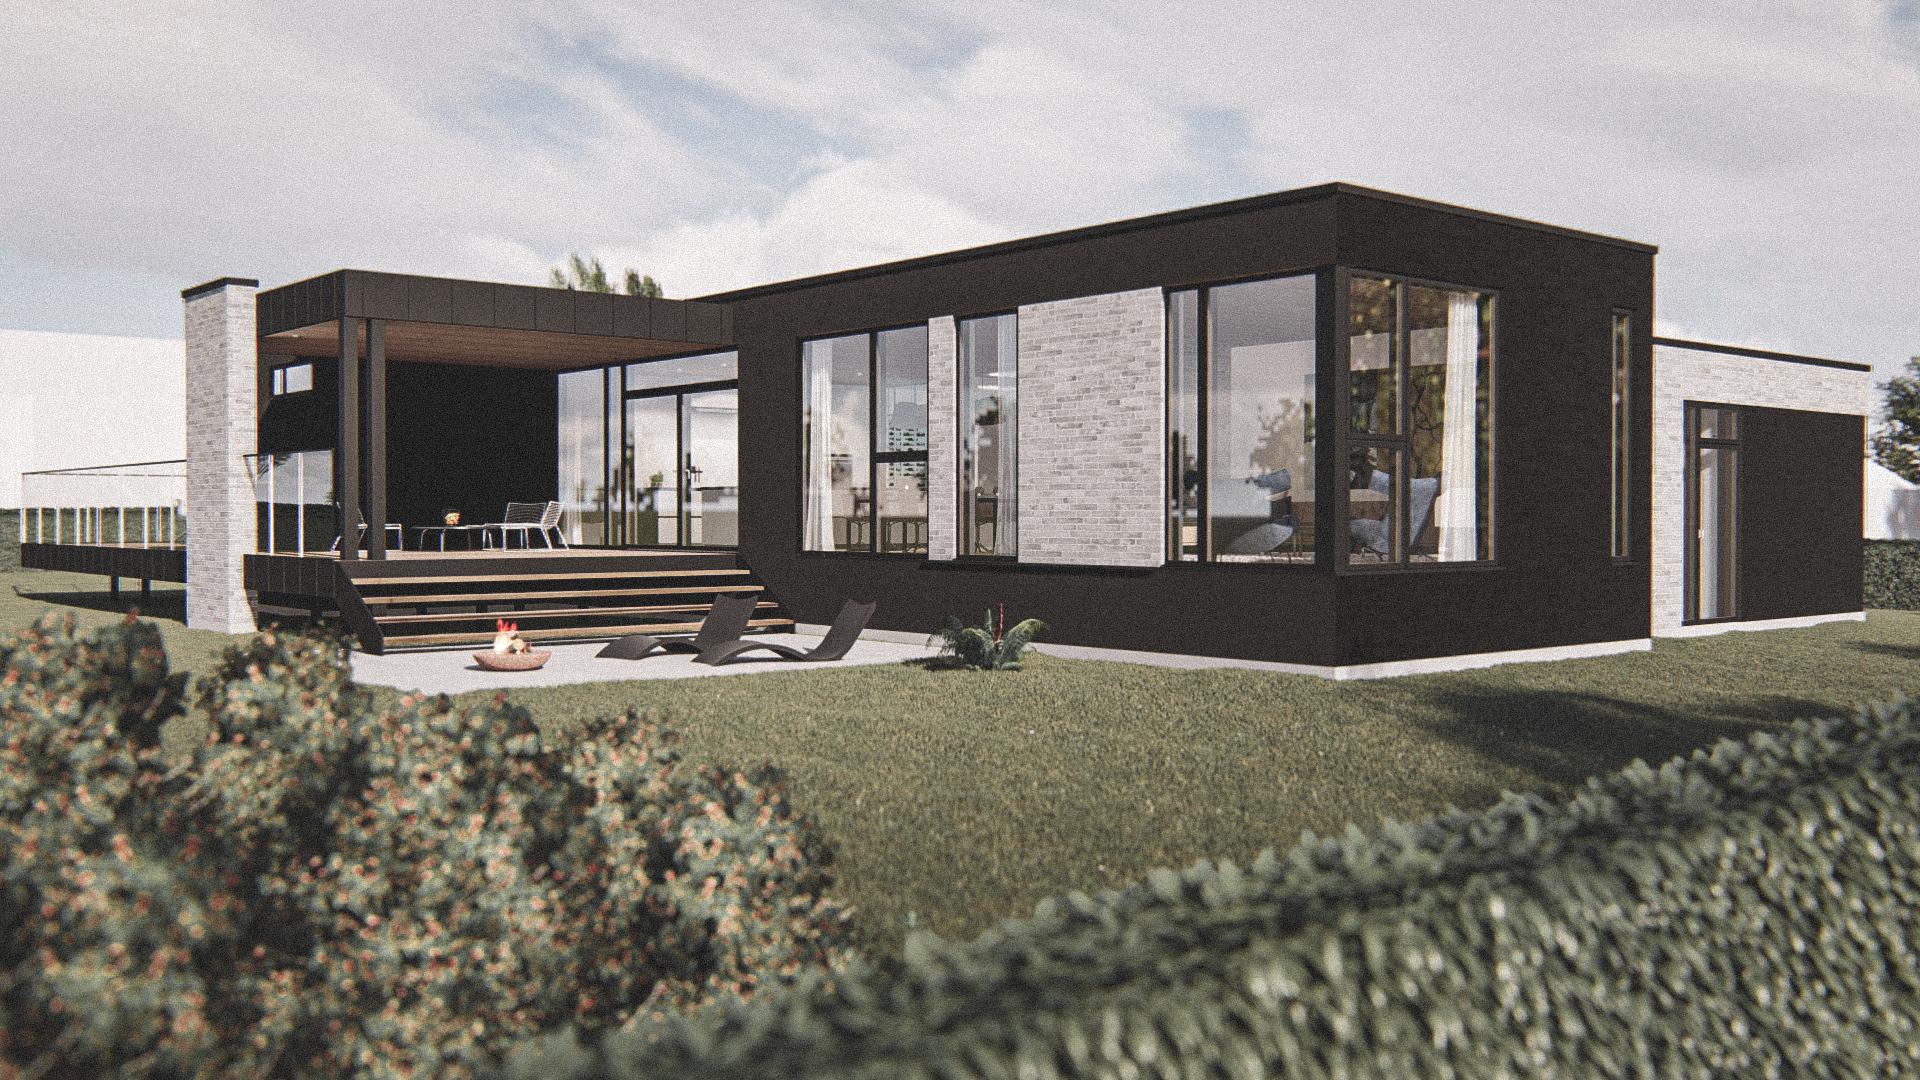 Billede af Dansk arkitekttegnet 1 plan villa af arkitektfirmaet m2plus, i Thisted på 193 kvartratmeter.